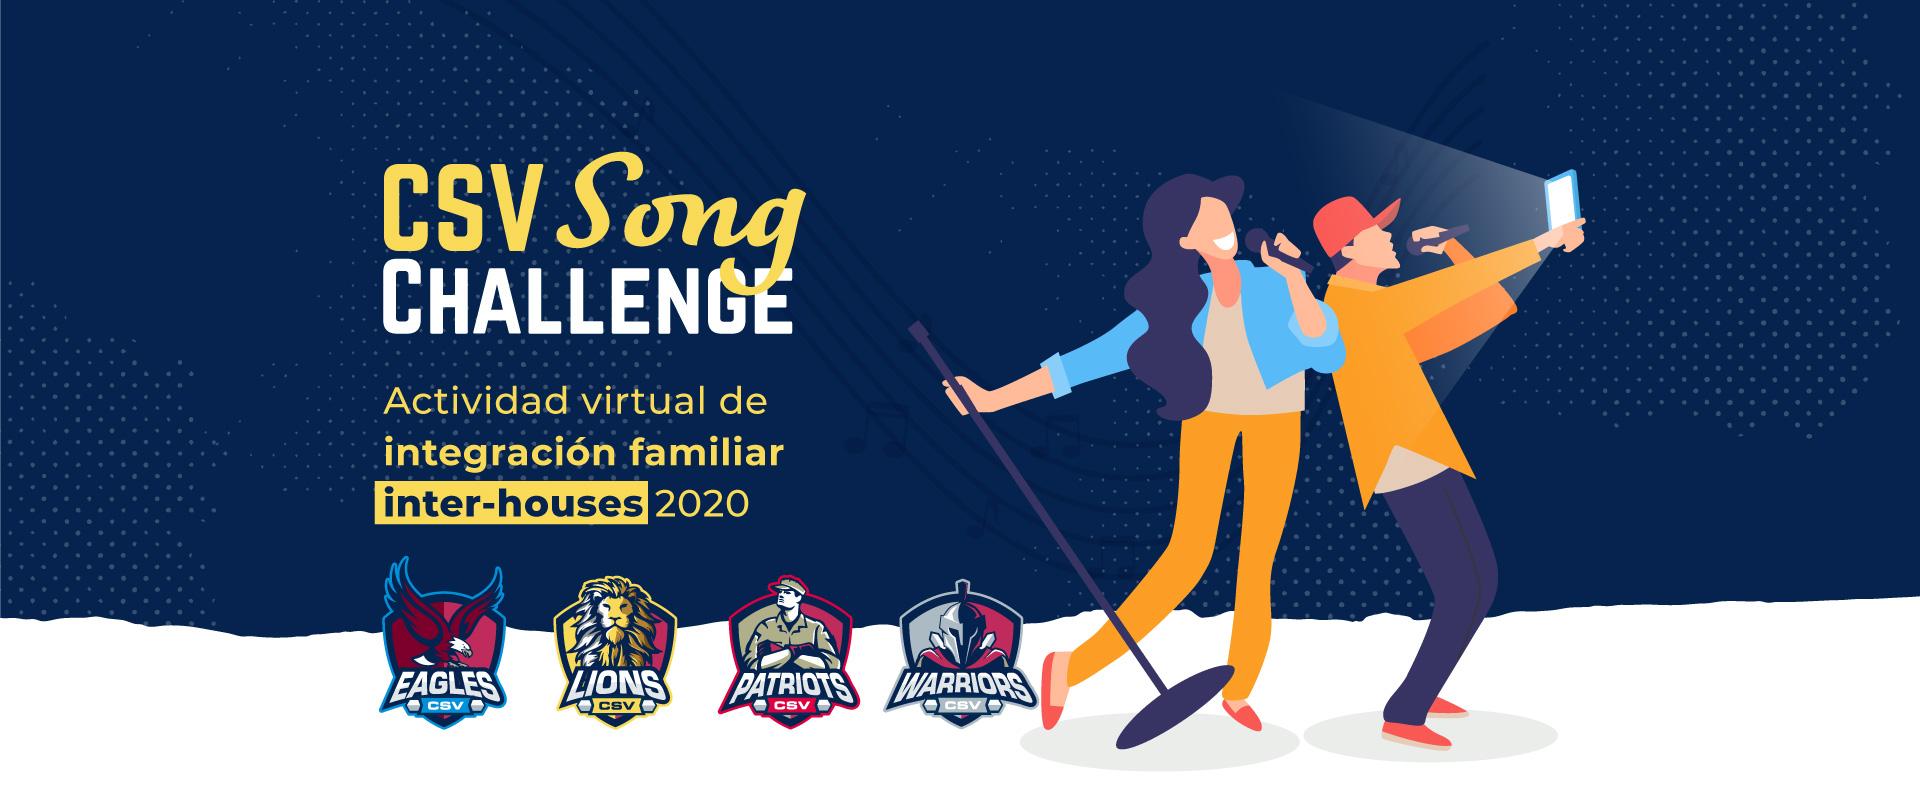 CSV Song Challenge